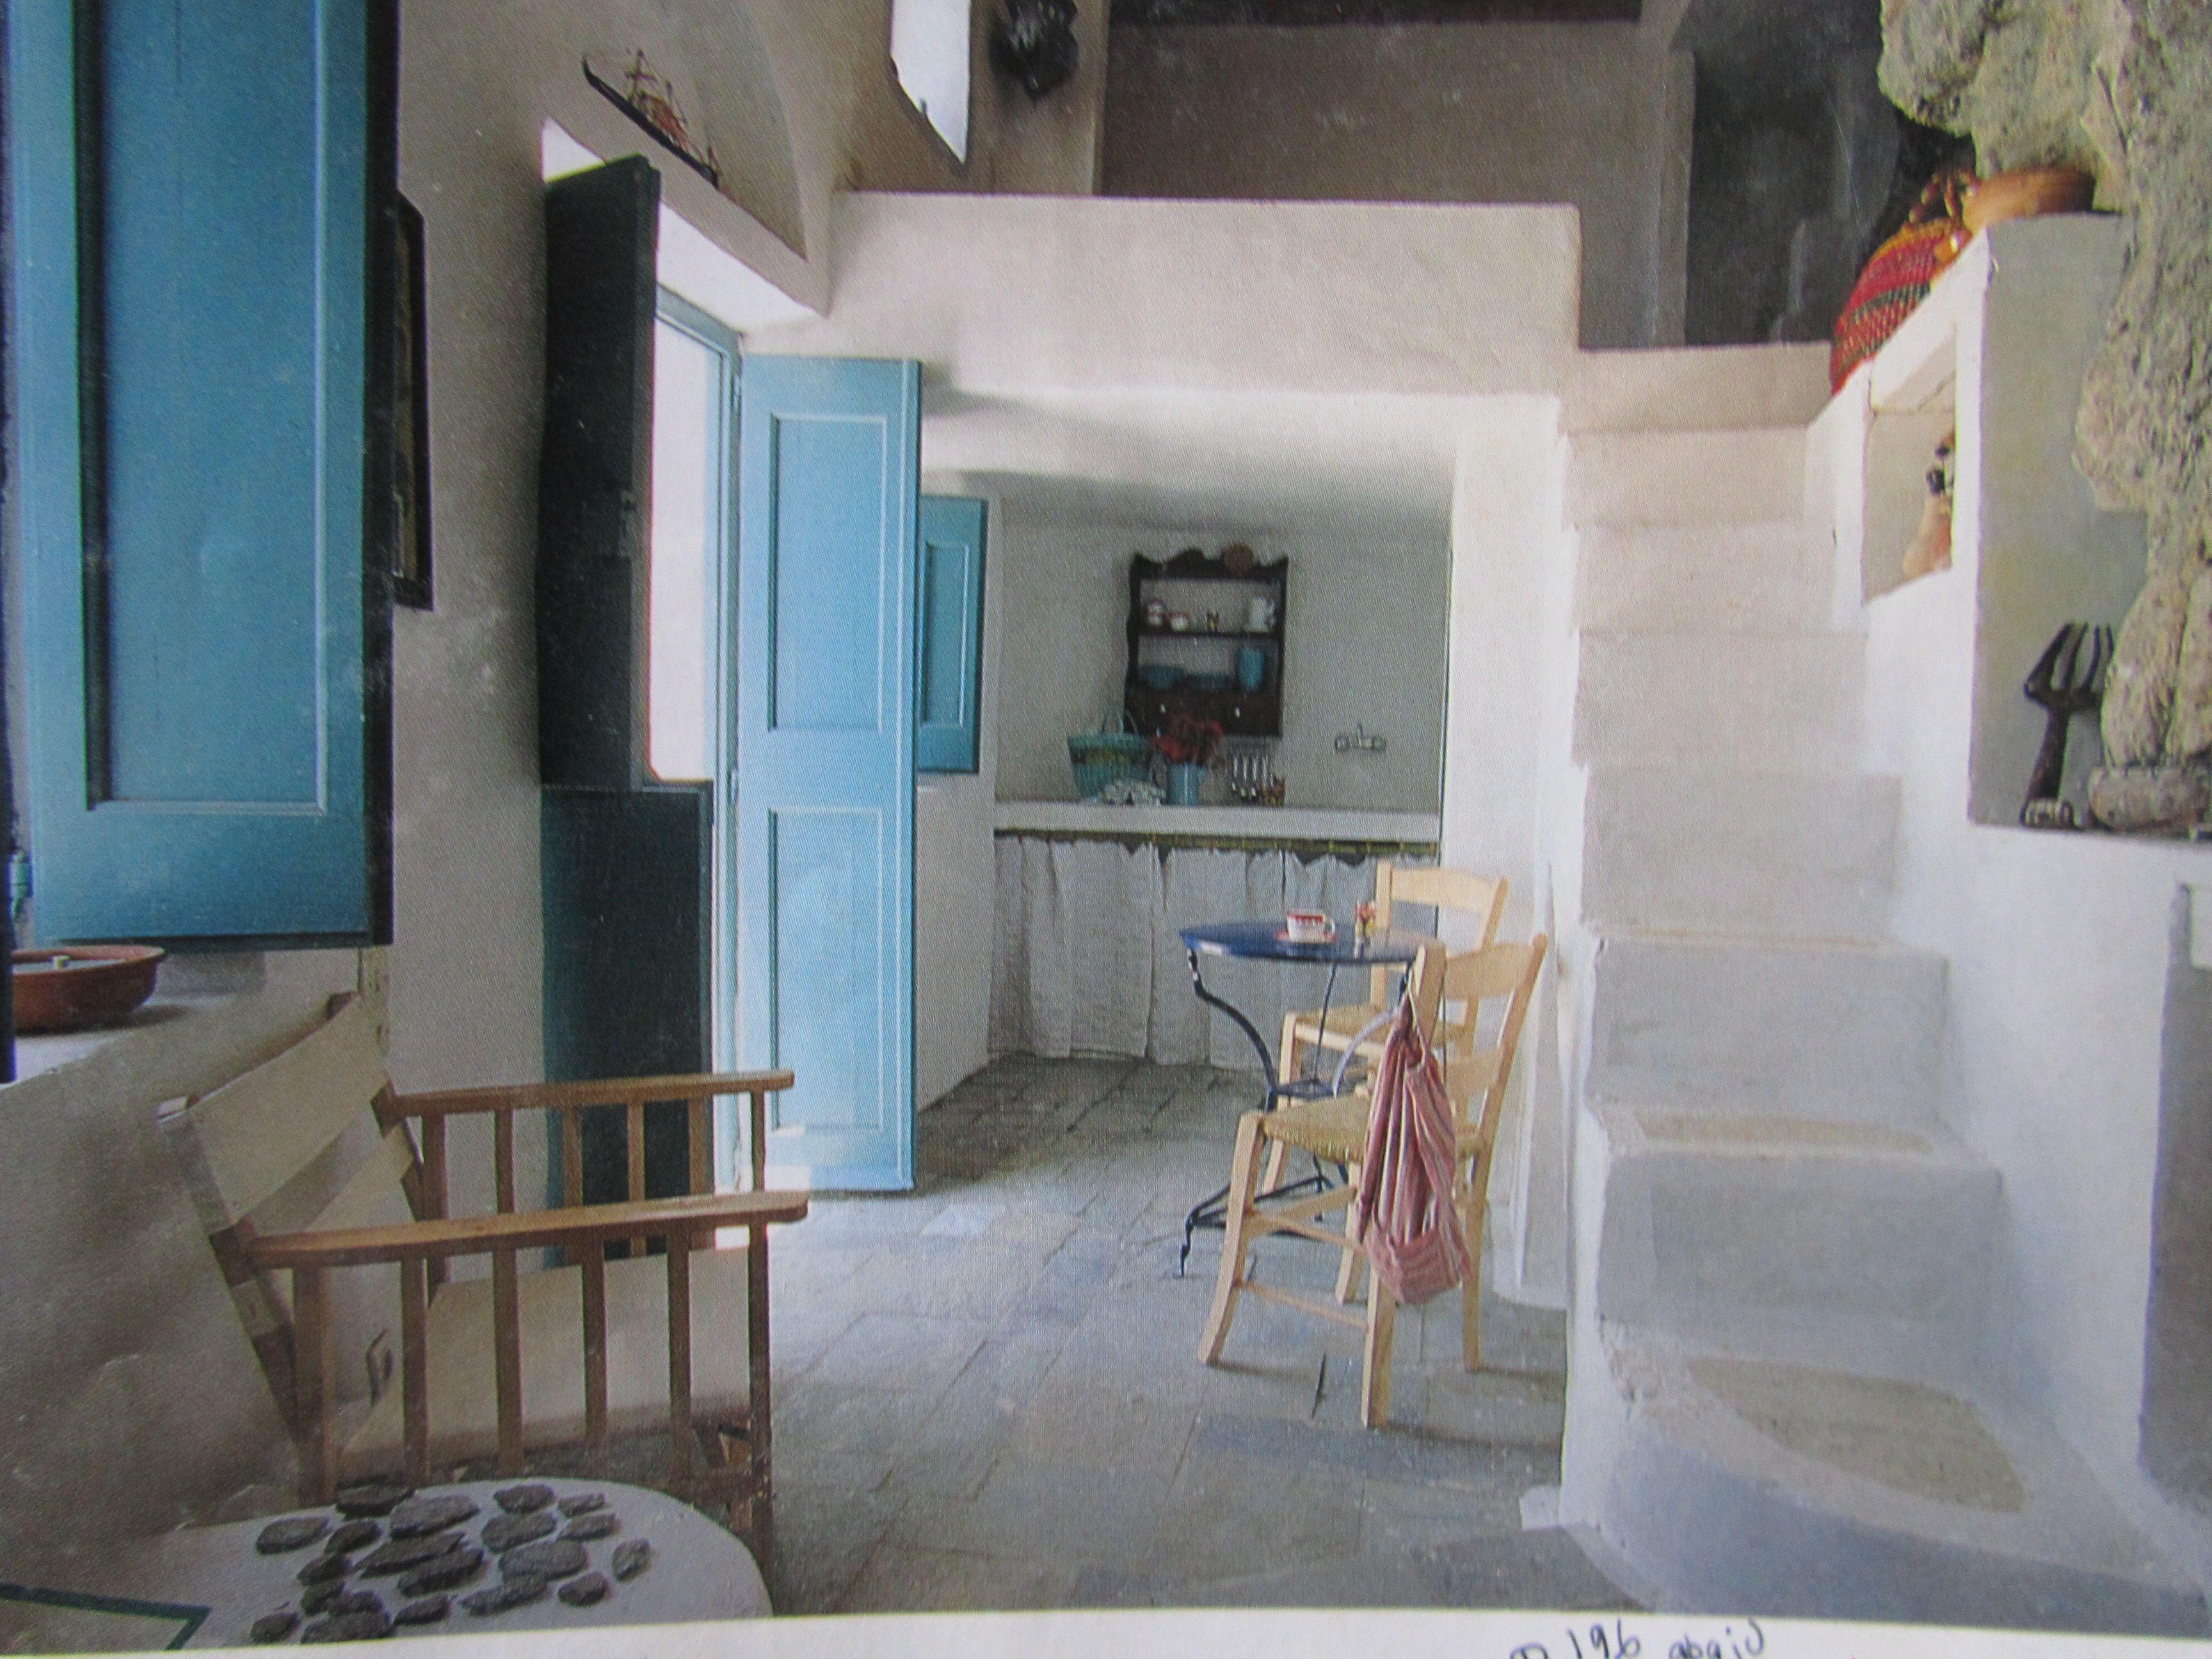 Simplicite Des Maisons De Vacances Greek Home Stairs Maison Maison En Pierre Maison De Vacances